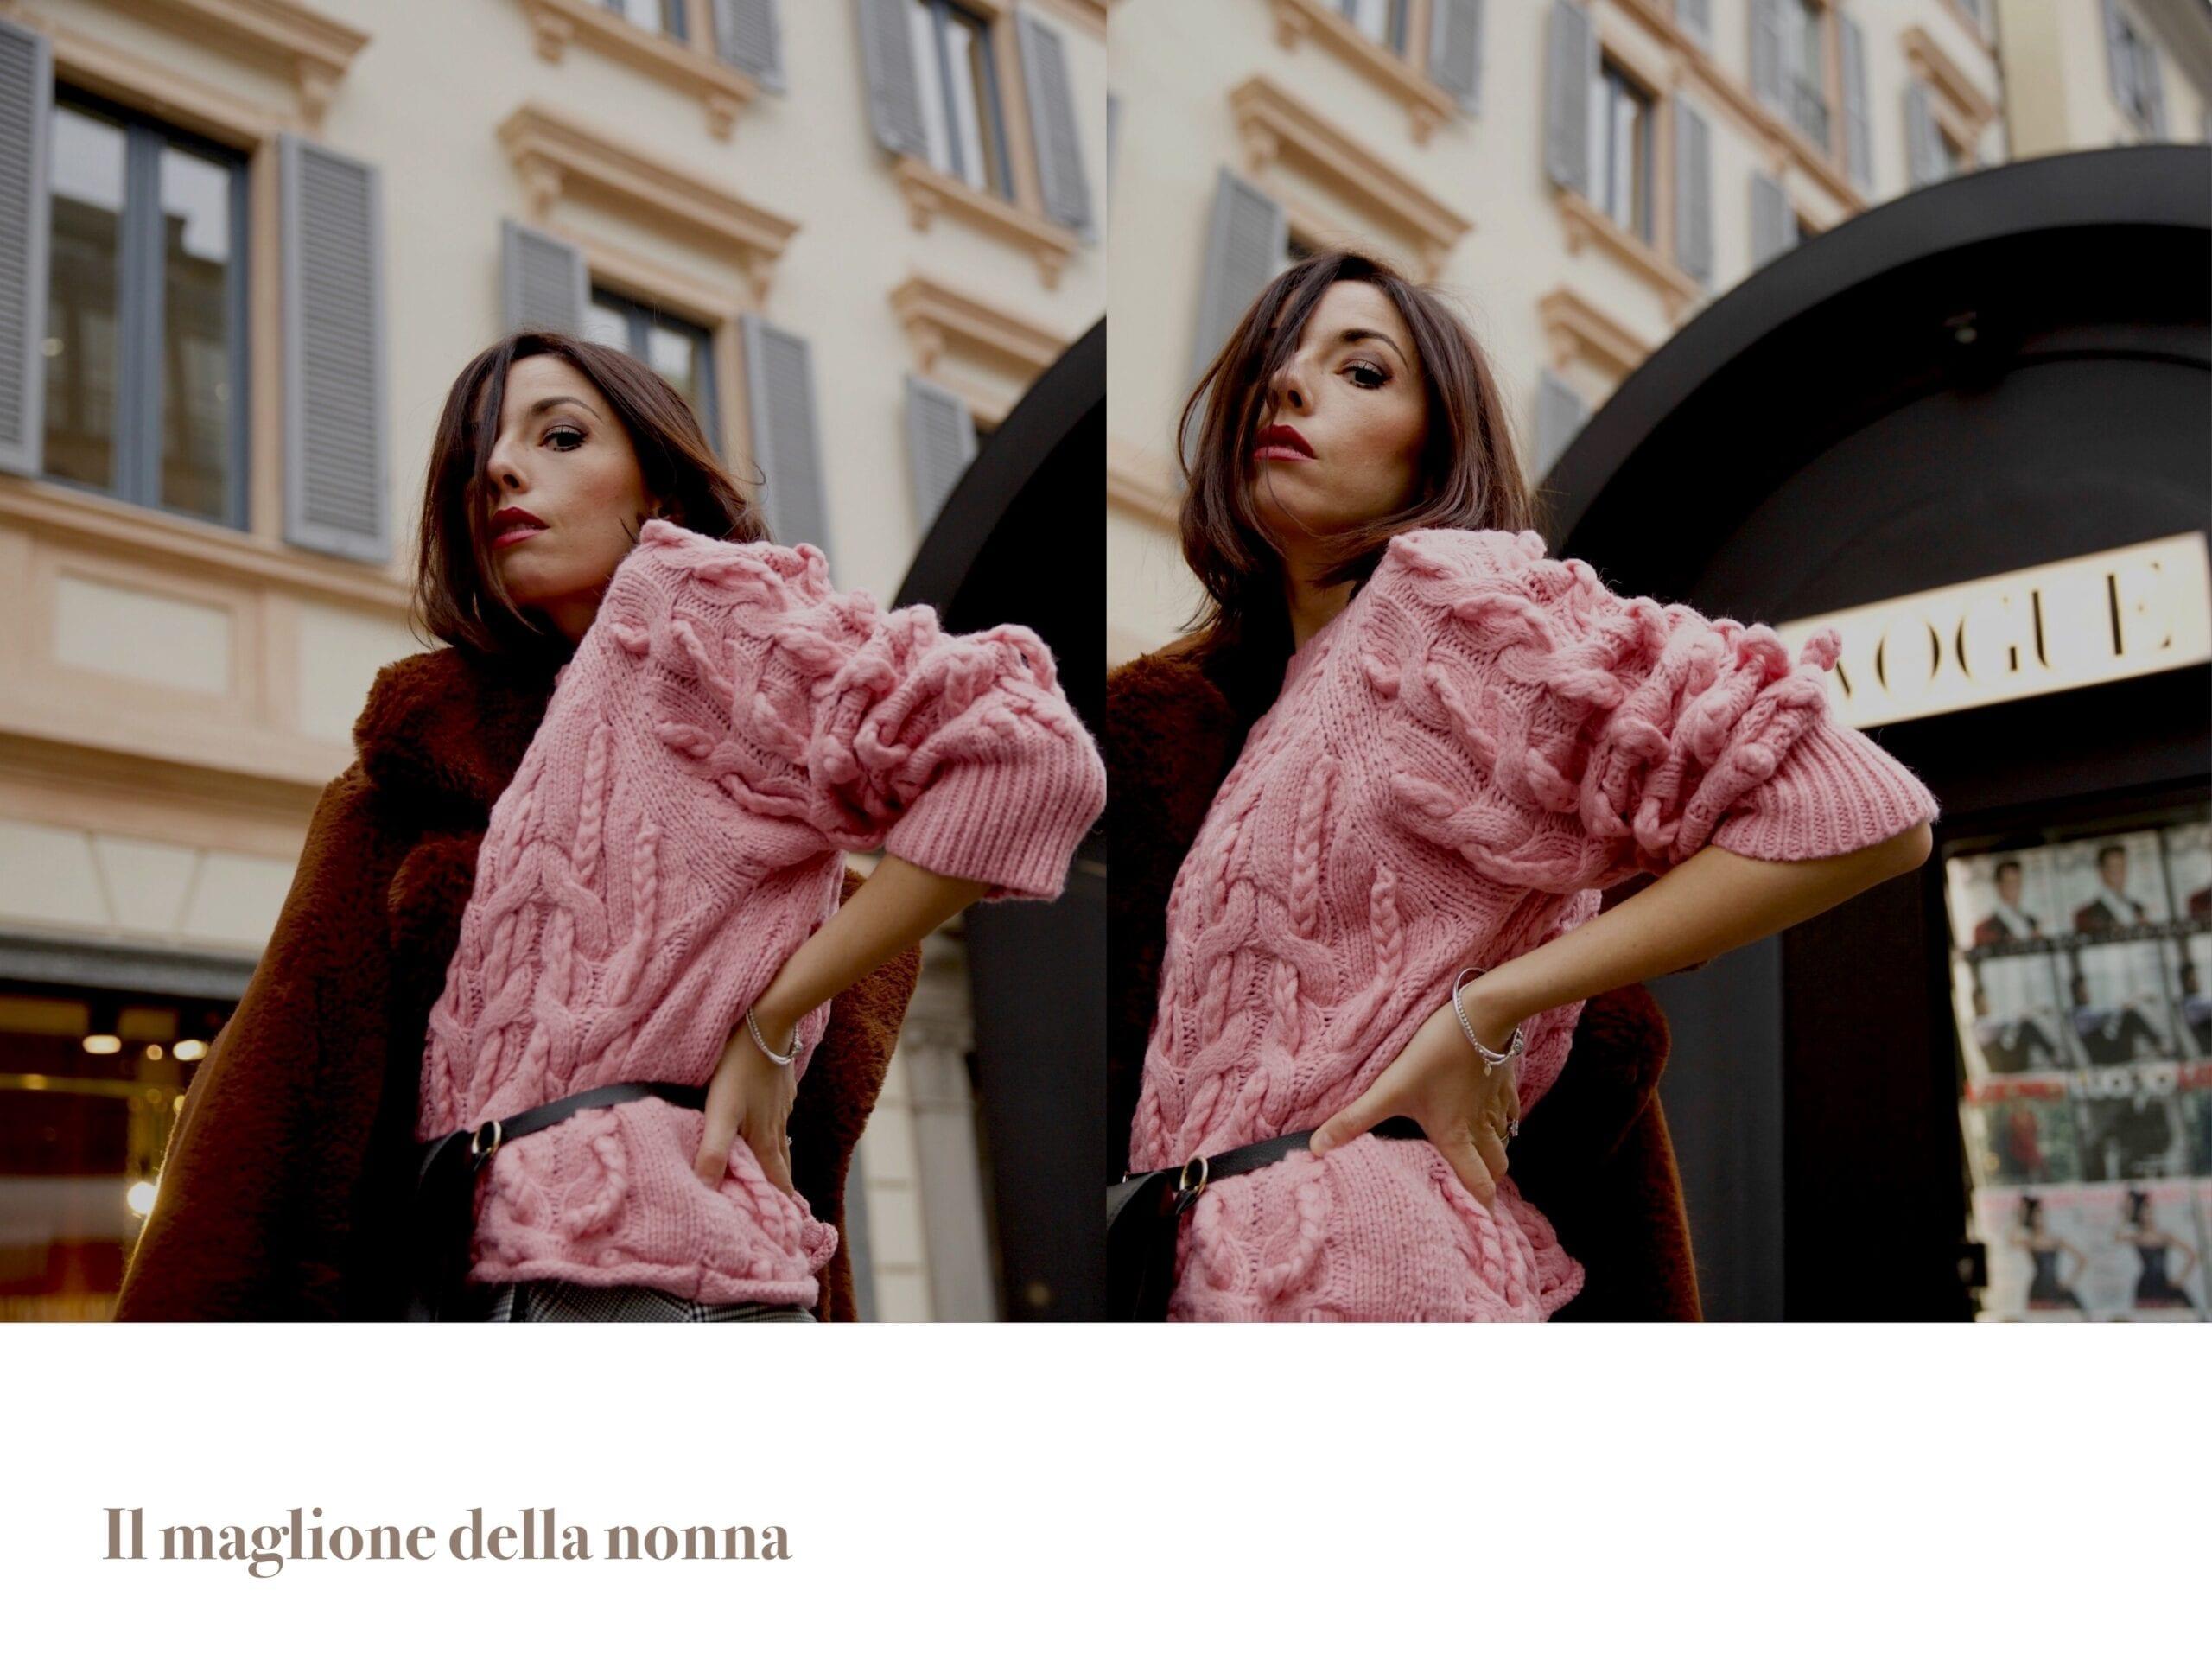 H&M outlet, outlet moda low cost, come vestirsi 2018, cosa va di moda oggi 2018, fashion blogger italiane famose 2018, blogger moda italiane 2018, blog moda 2018, blogger moda più seguite 2018, blogger moda instagram 2018, elisa bellino instagram, come vestirsi elegante comoda, maglione zara 2018, come abbinare il rosa, marsupio zara, elisa bellino, come vestirsi eleganti spendendo poco, come vestirsi alla moda 2018